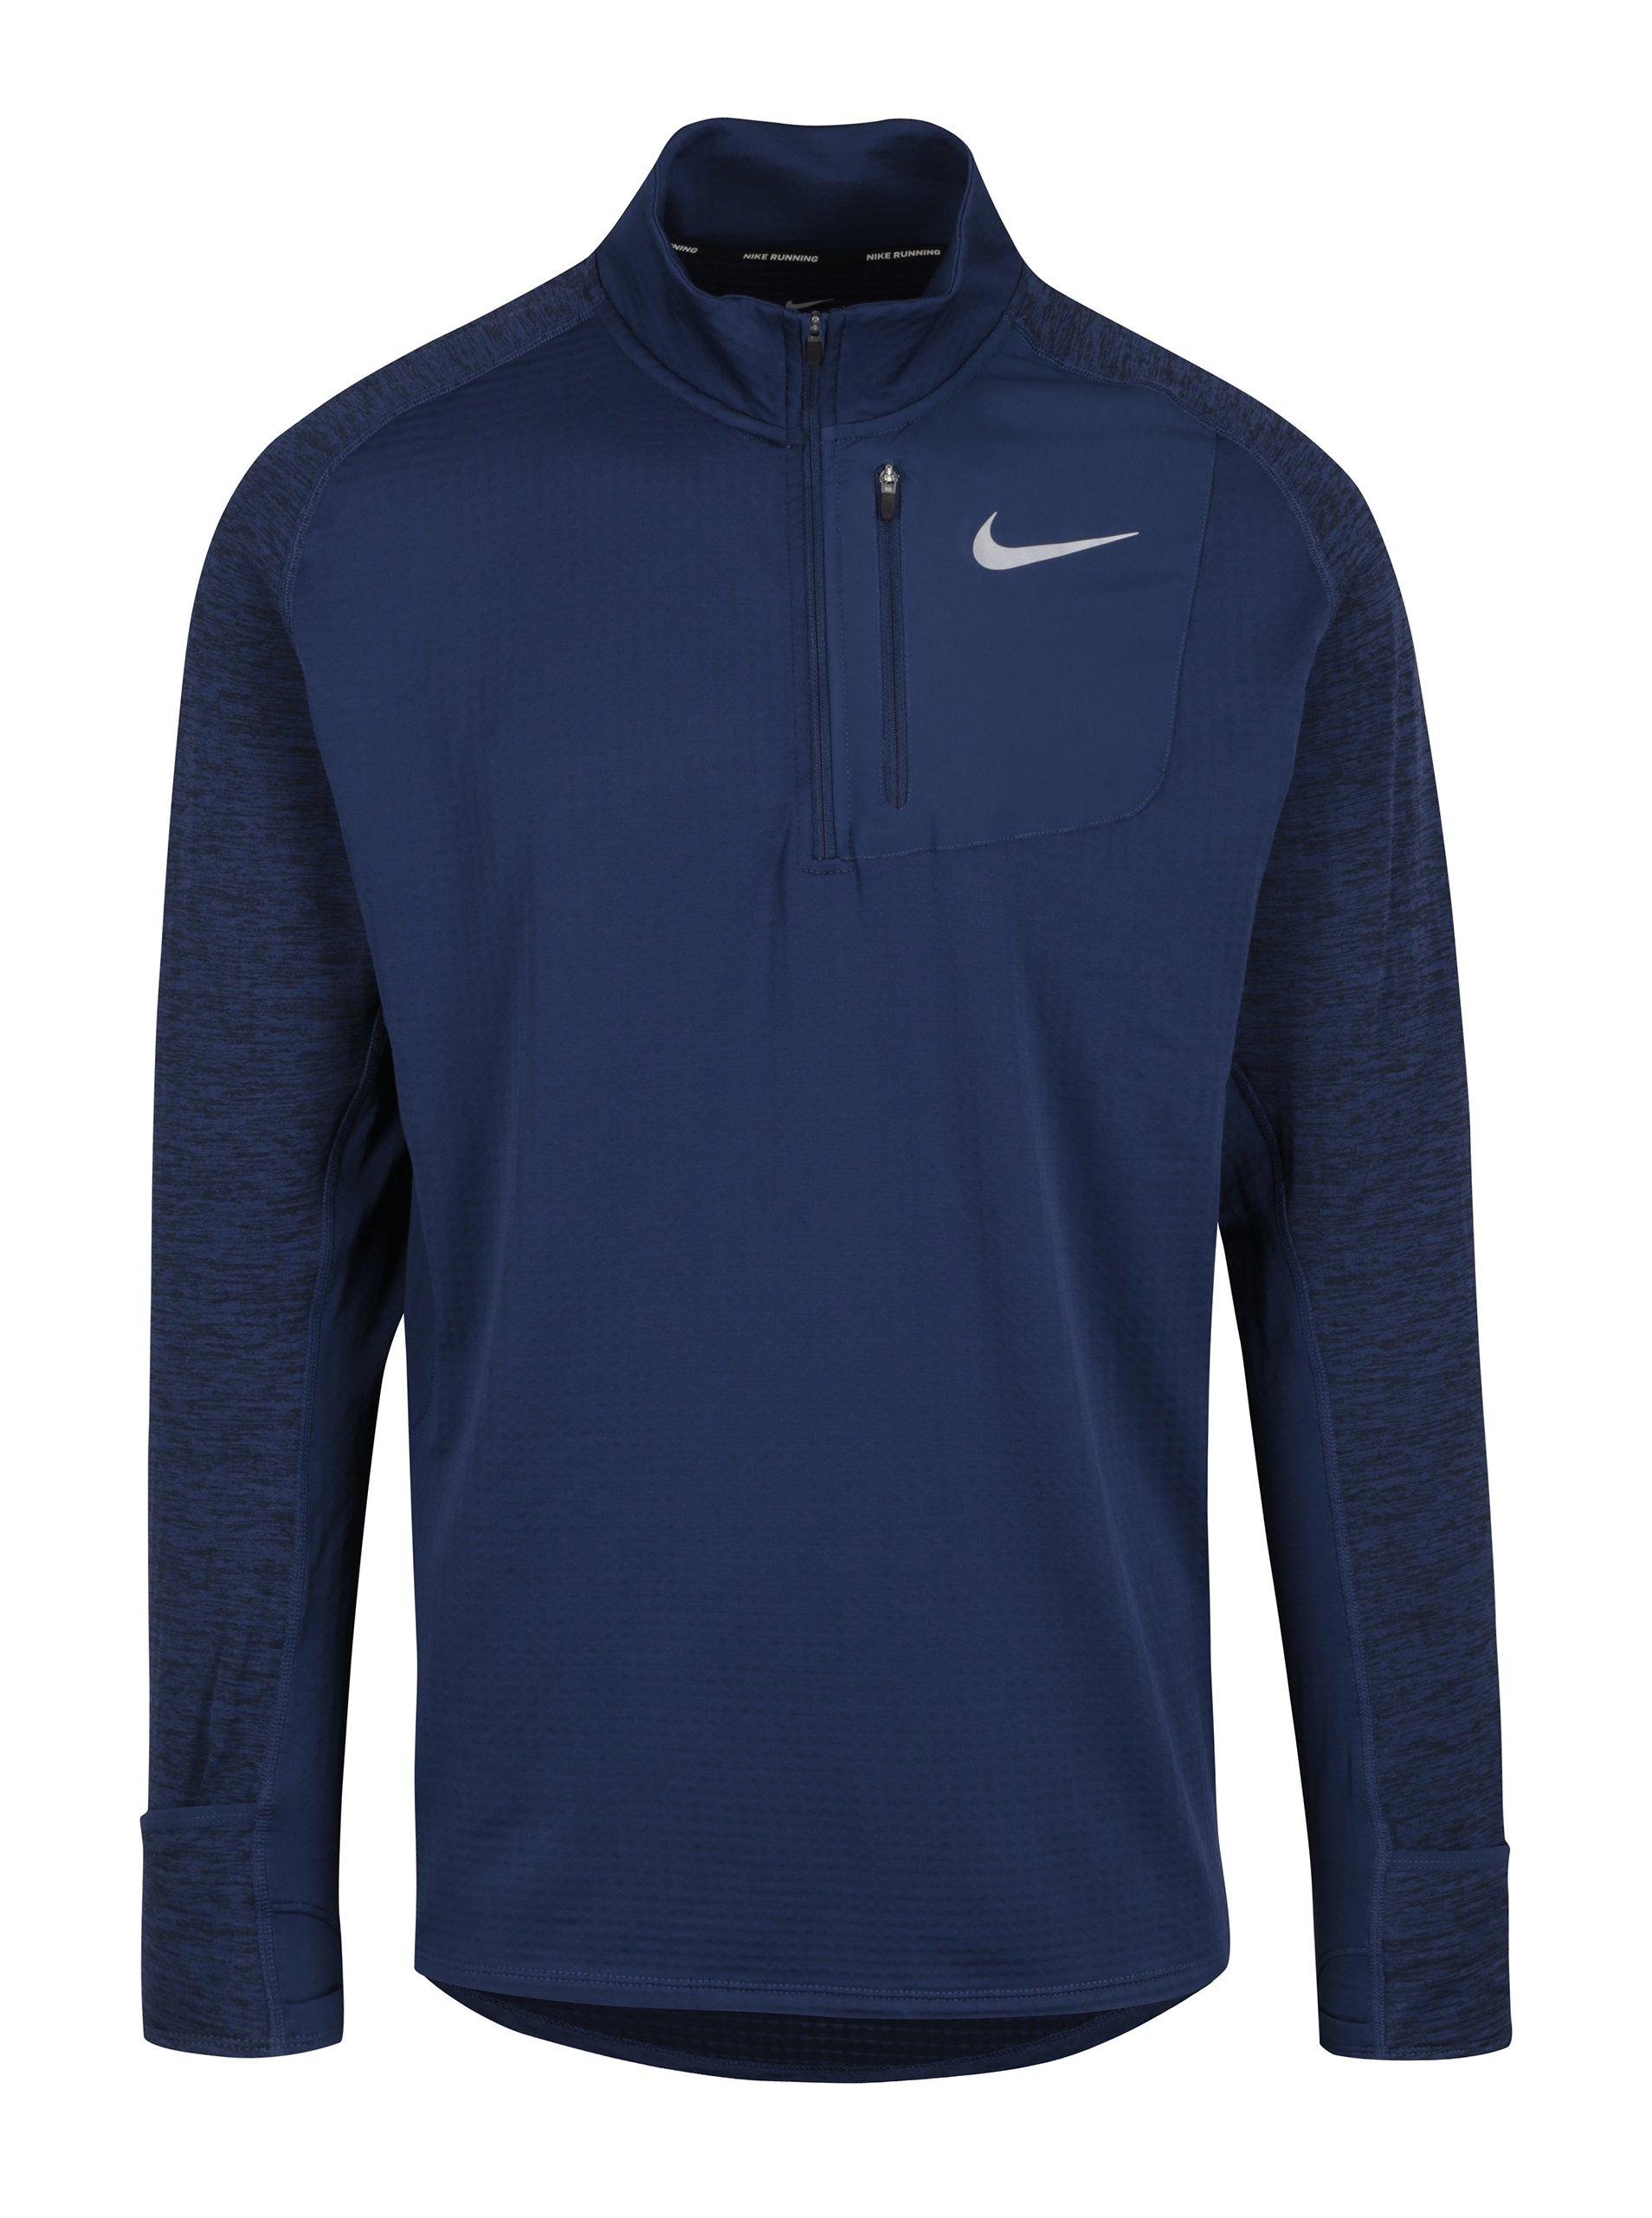 2fa7b1956d40 Modré pánske funkčné tričko s dlhým rukávom Nike